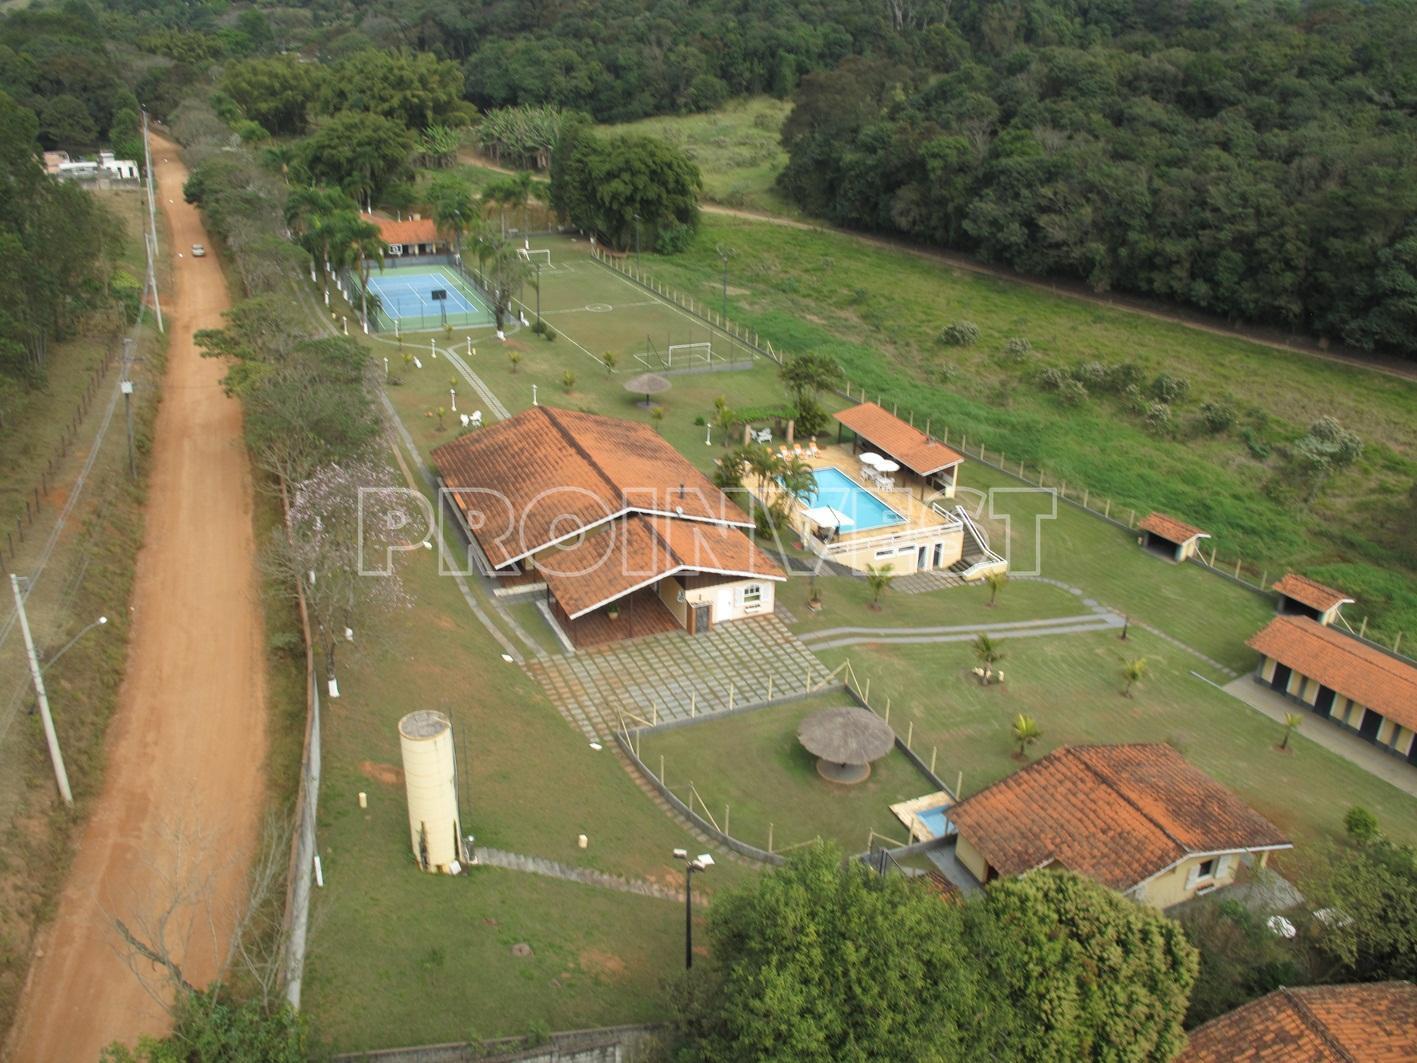 Chácara de 9 dormitórios à venda em Jundiaí, Jundiaí - SP